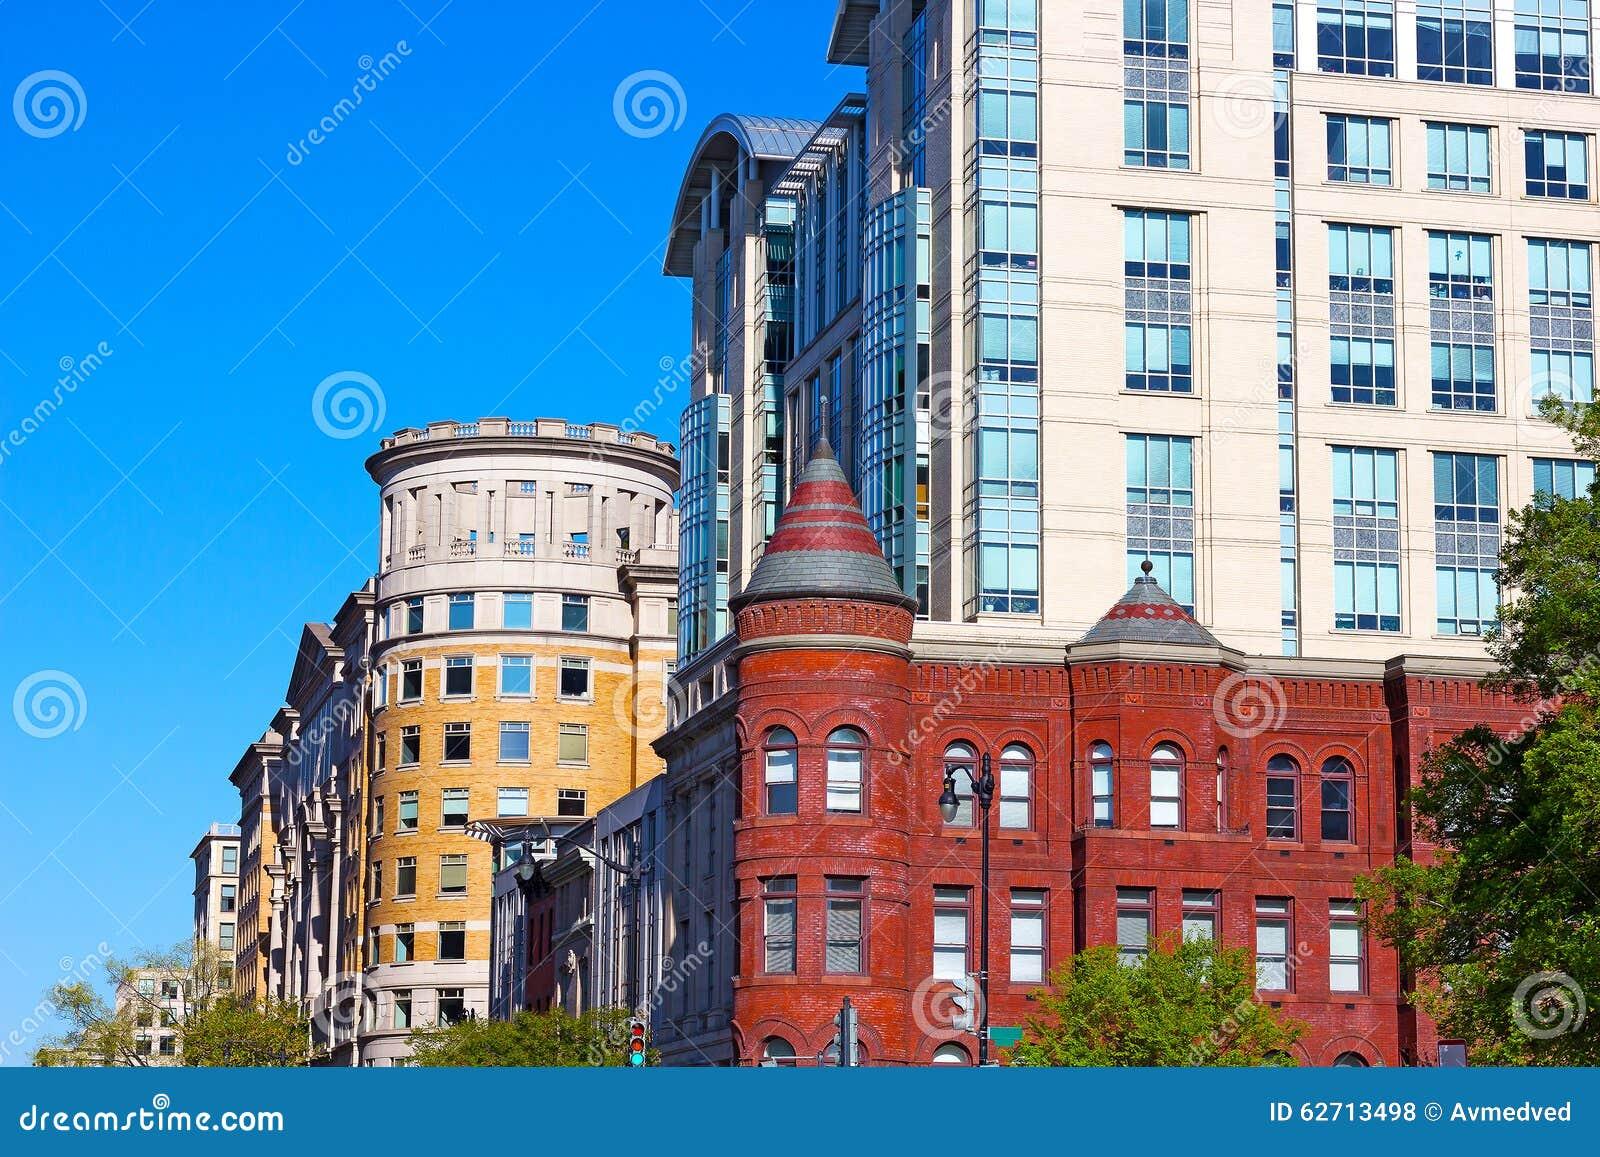 Μίγμα των σύγχρονων και ιστορικών κτηρίων στο Washington DC, ΗΠΑ